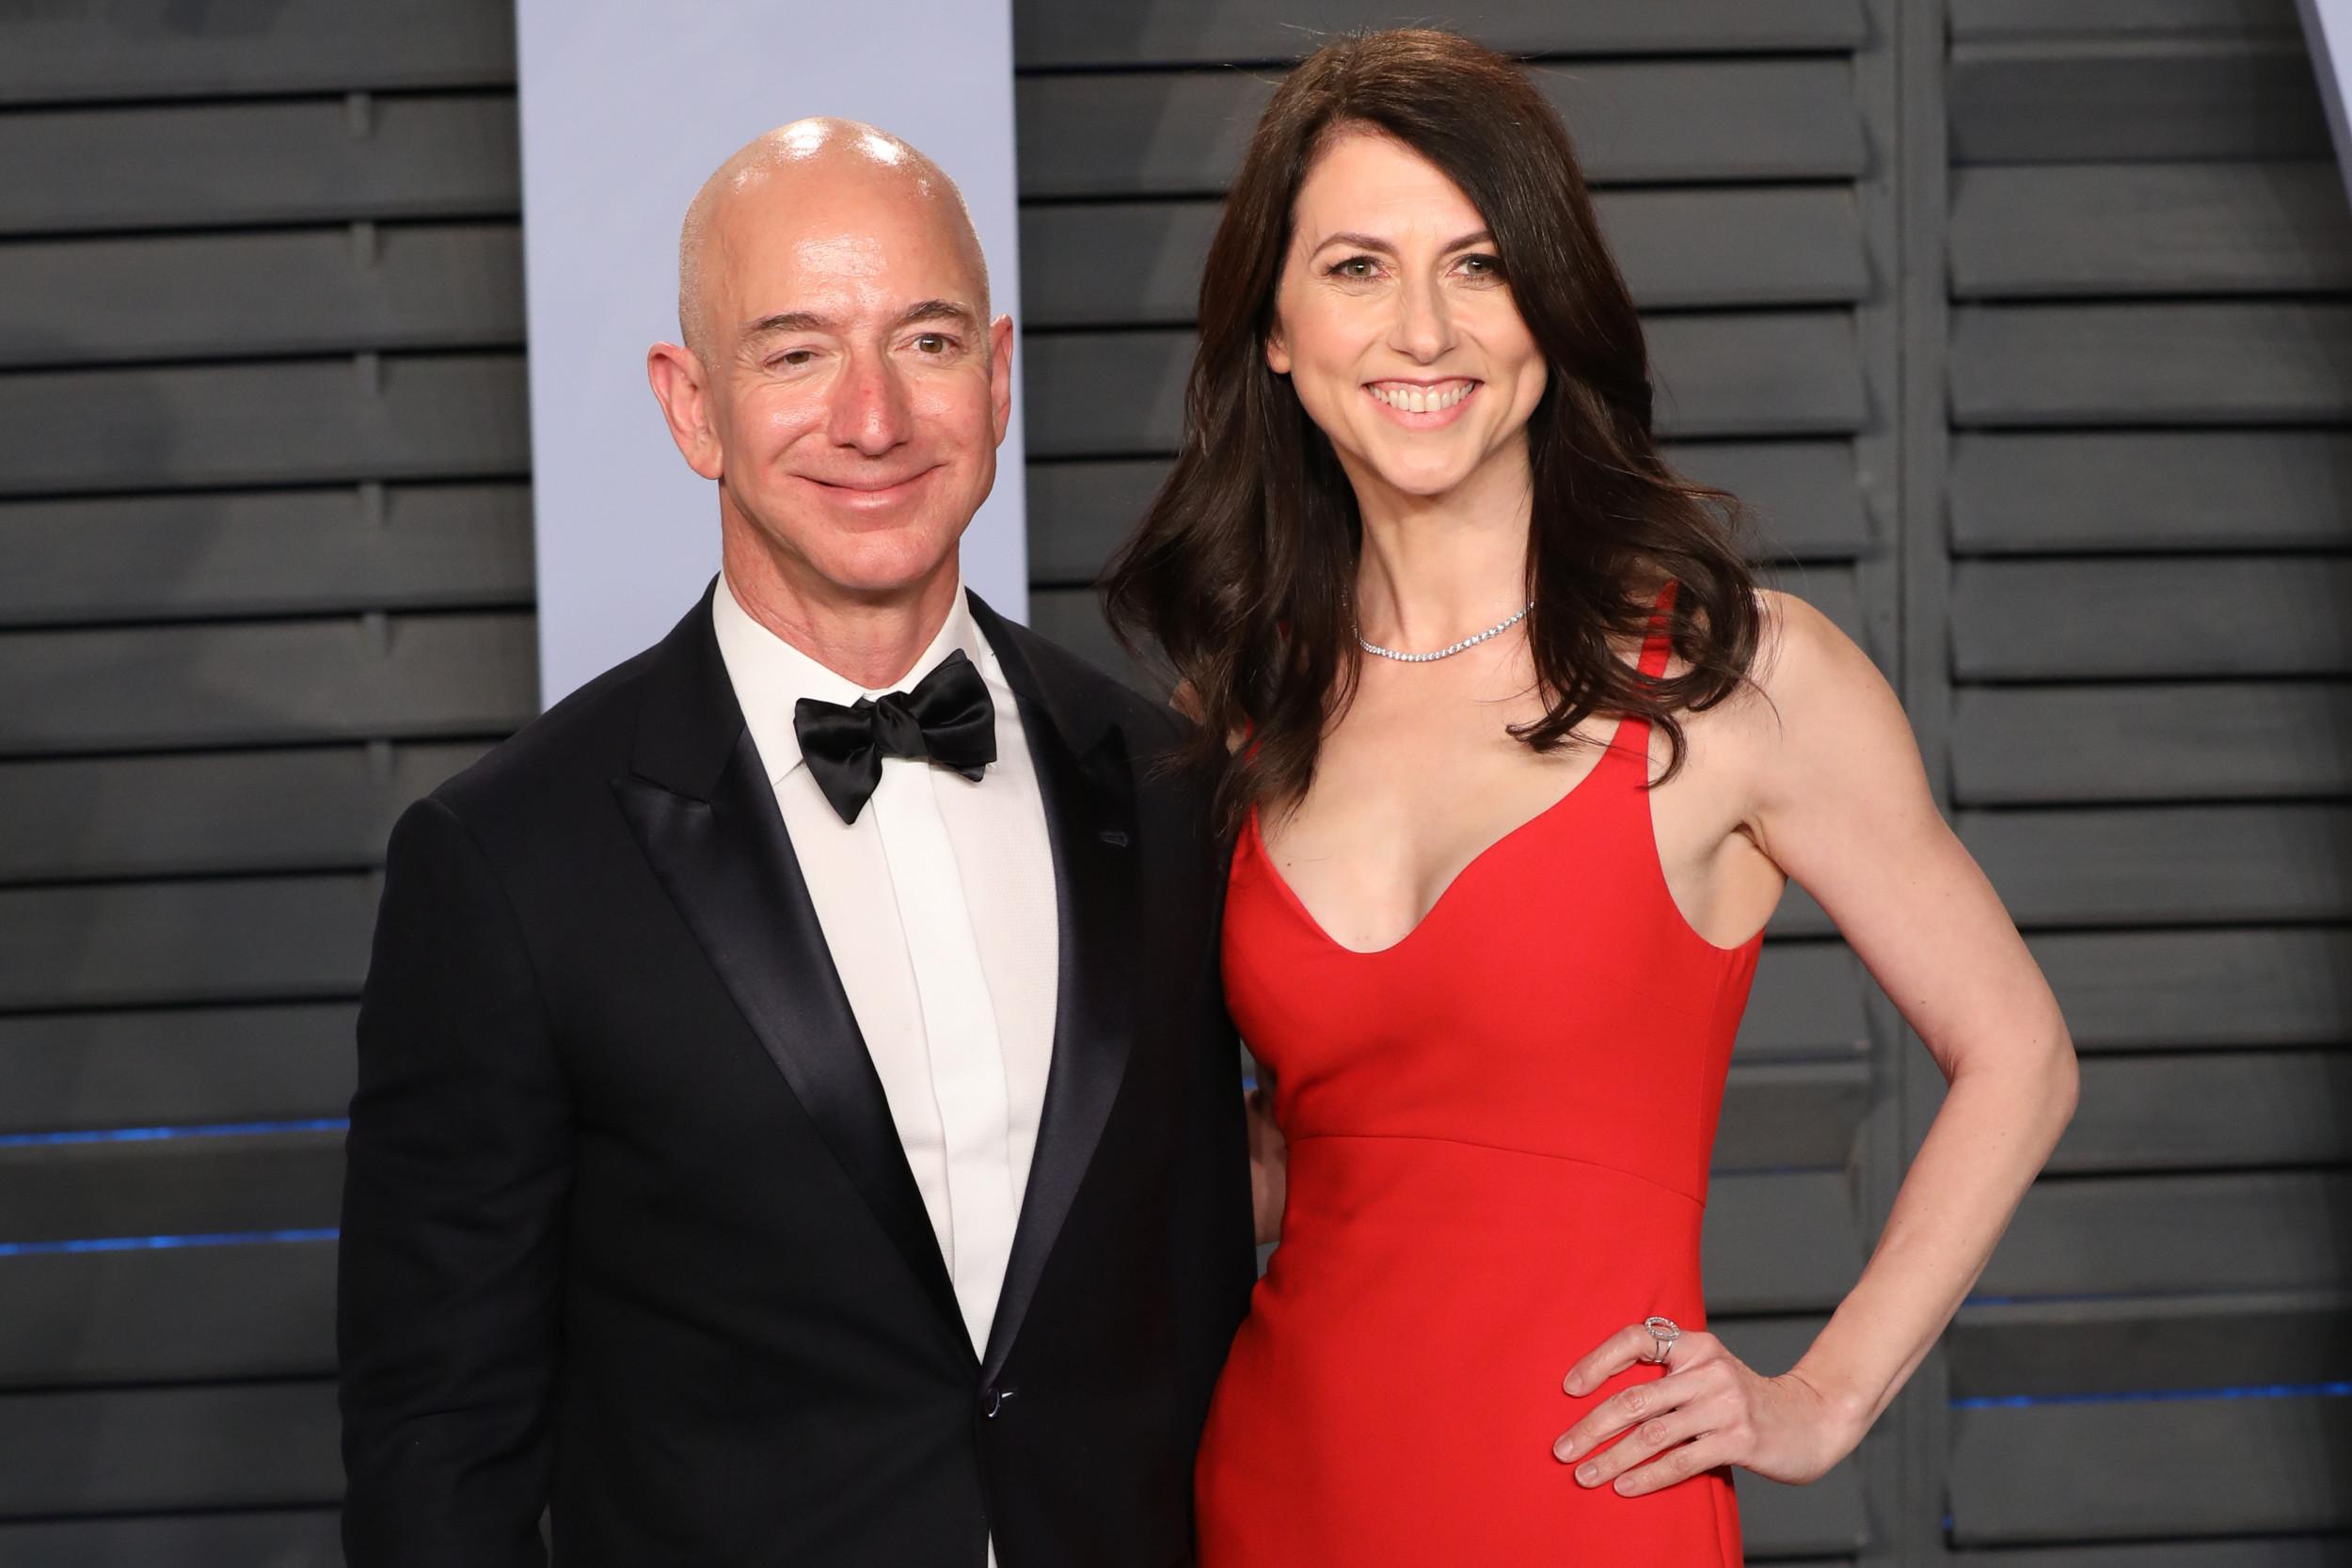 Jeff Bezos' Ex-Wife Donates Millions to HBCUs